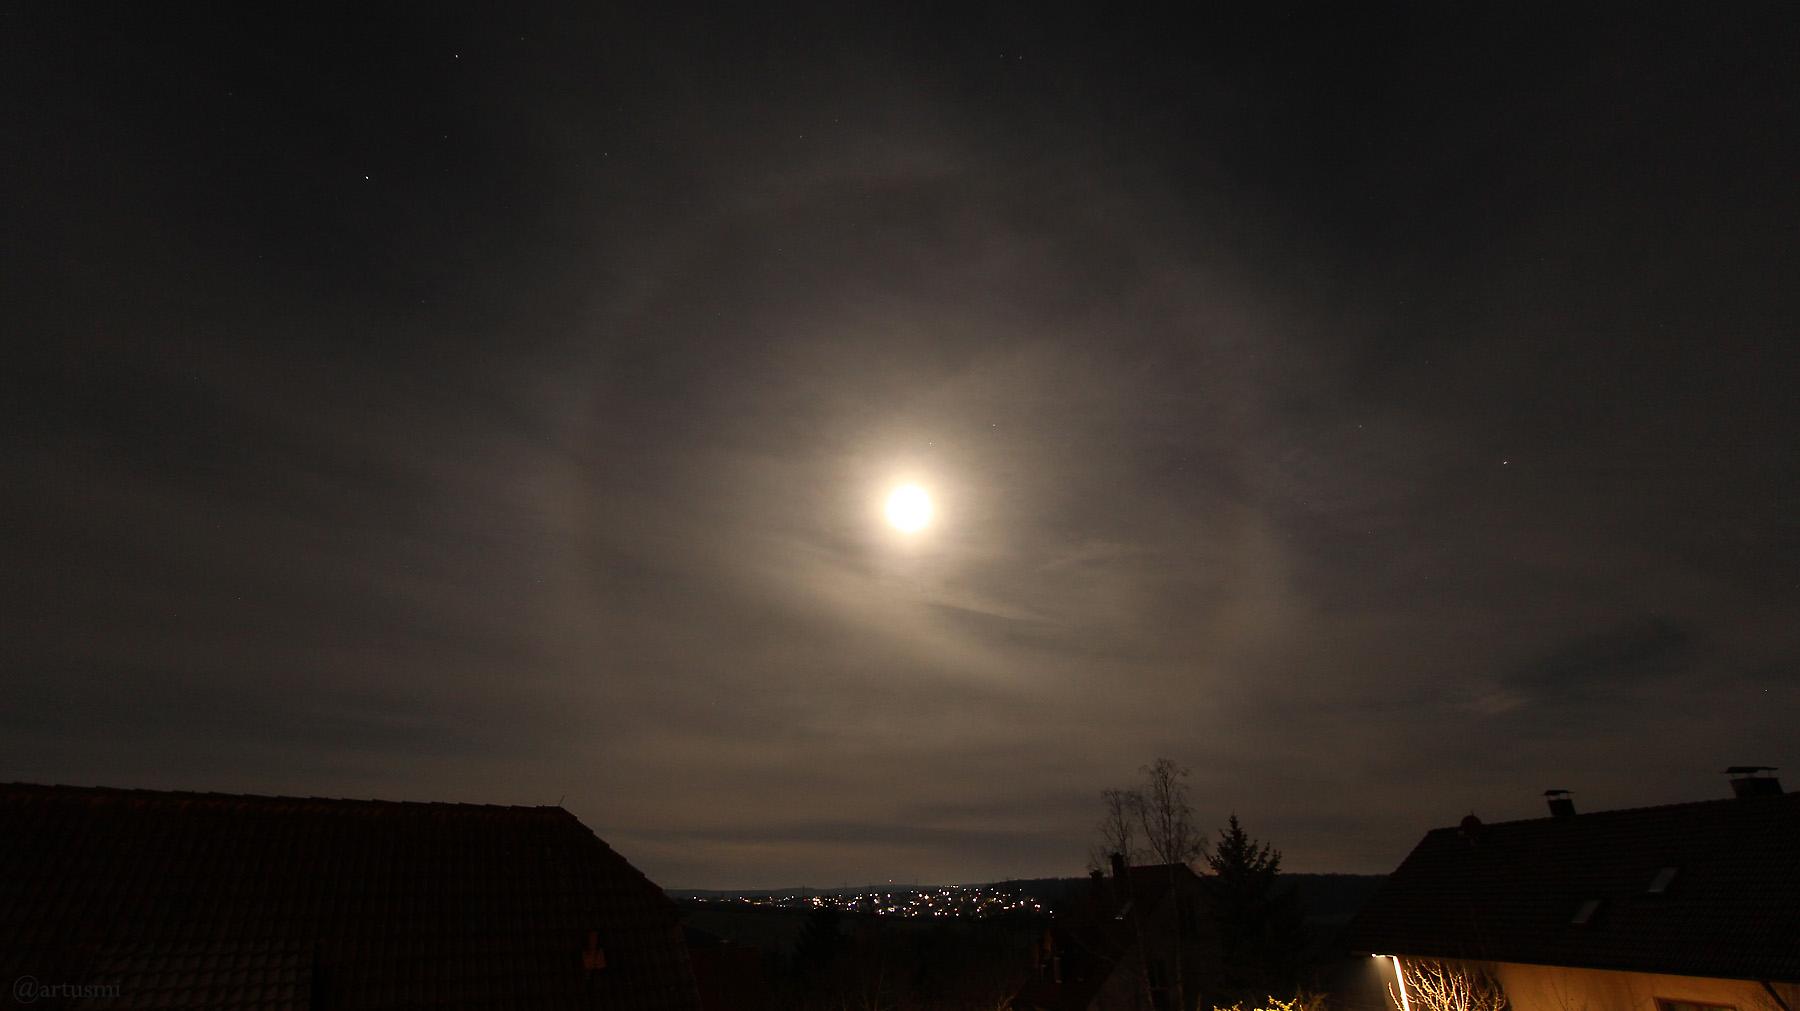 Mondhalo am 31. Dezember 2020 am Westhimmel von Eisingen